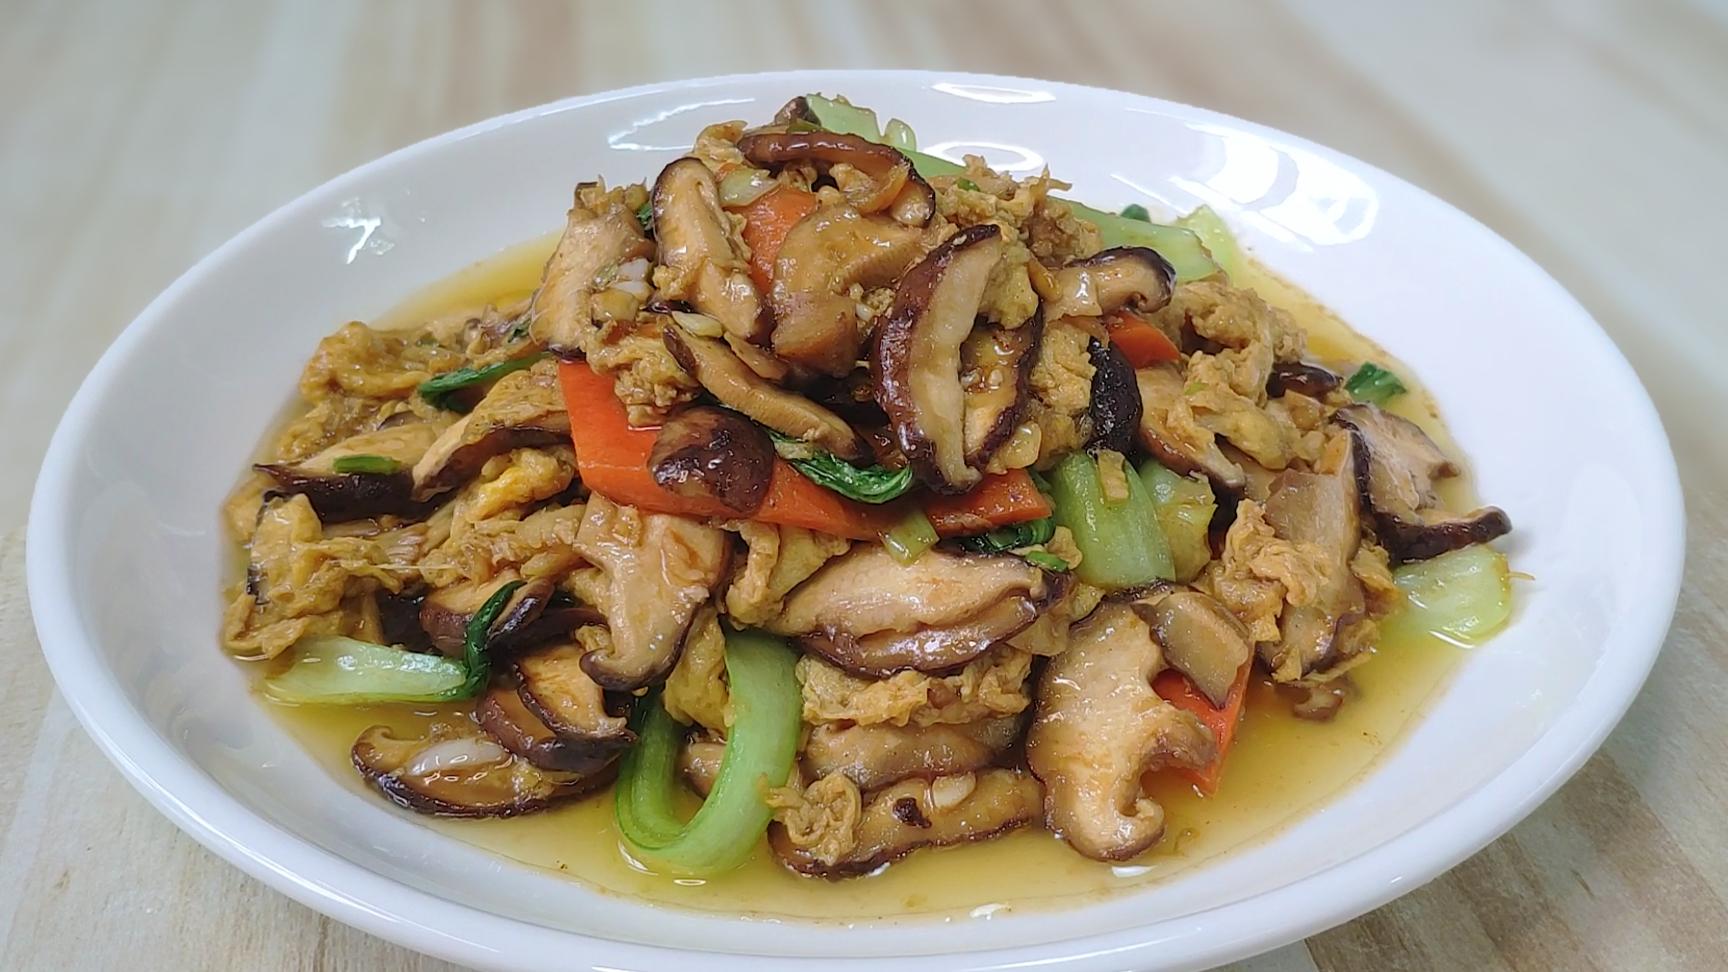 简单好吃的香菇鸡蛋烧油菜,味道可口,营养丰富,每次上桌不够吃